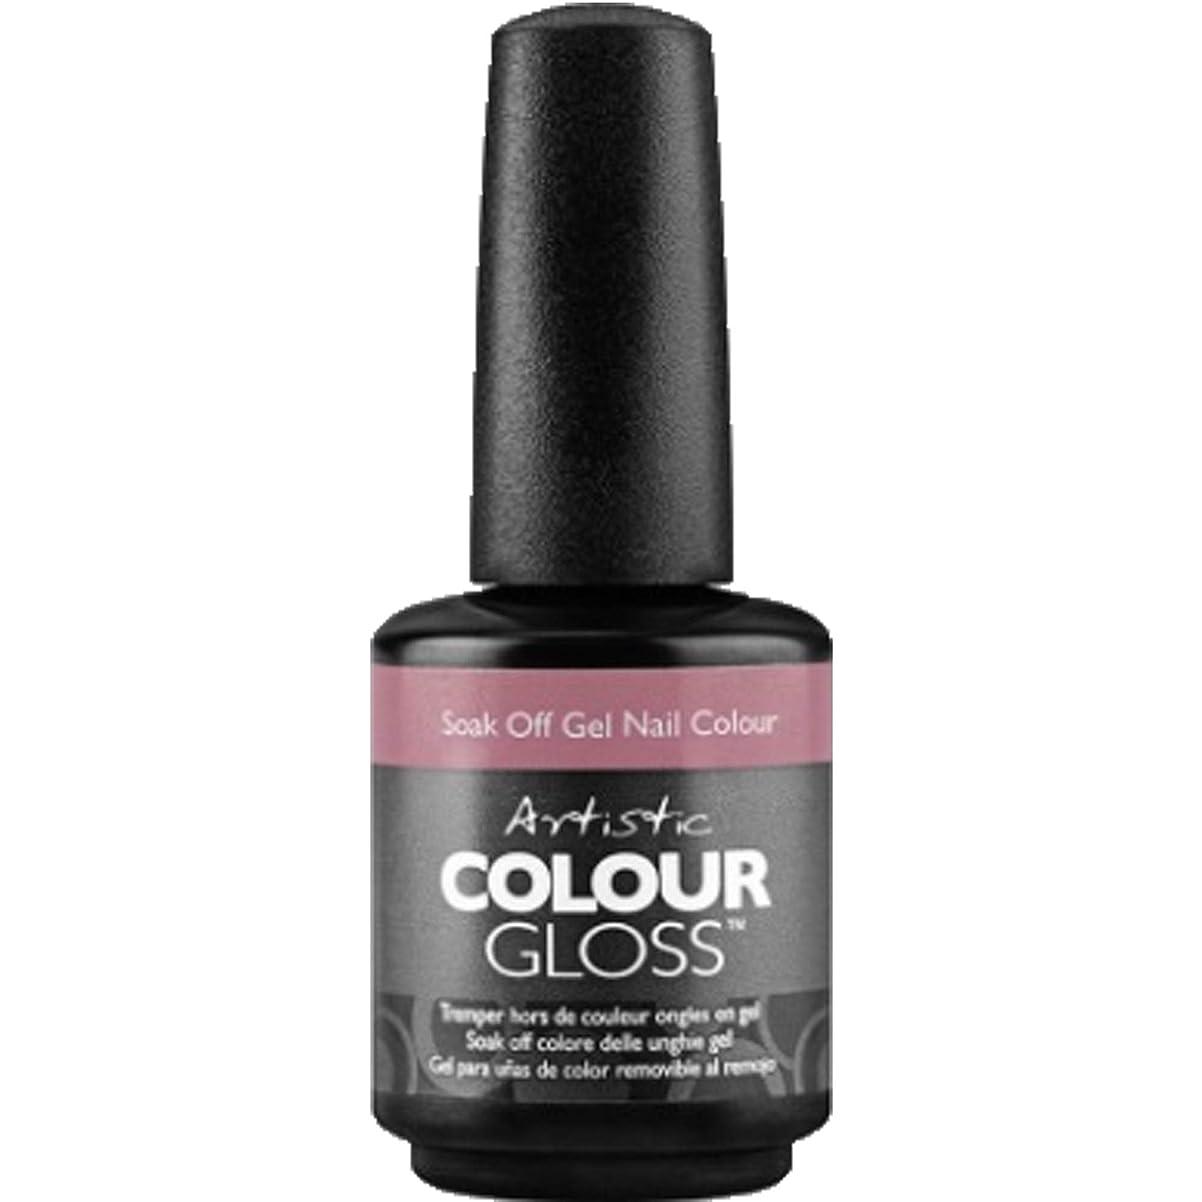 作詞家少なくともボランティアArtistic Colour Gloss - Thta's My Tone - 0.5oz / 15ml